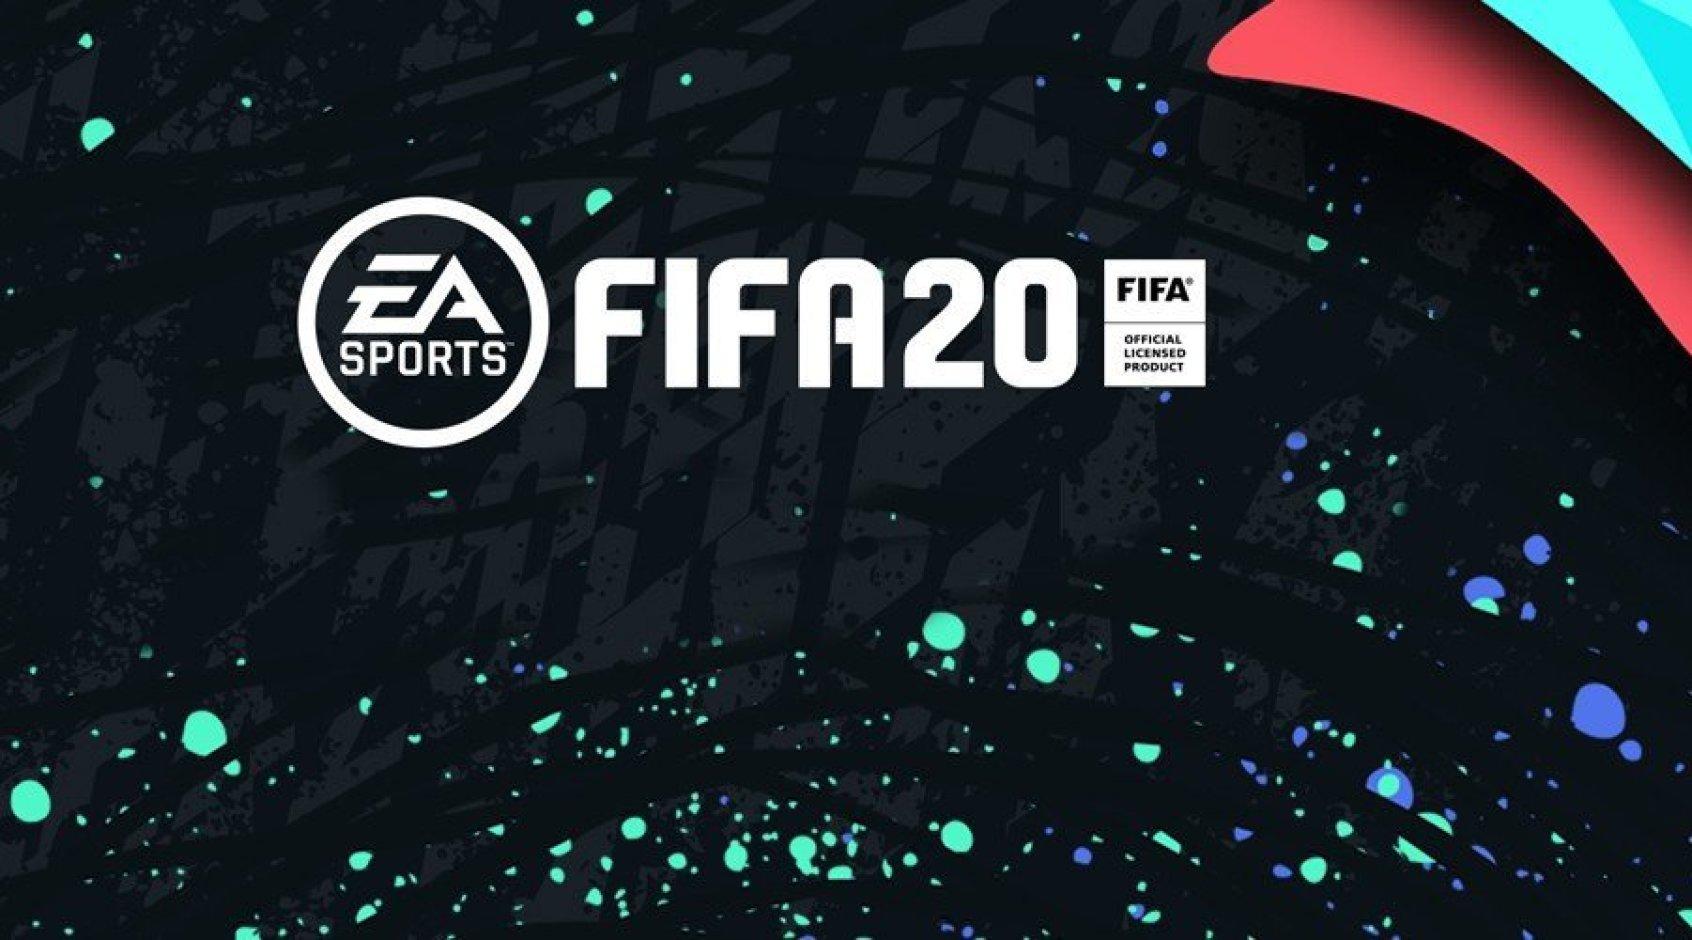 """Голкиперы """"Арсенала"""", """"Бенфики"""" в компании с форвардом проведут онлайн-турнир по FIFA 20"""